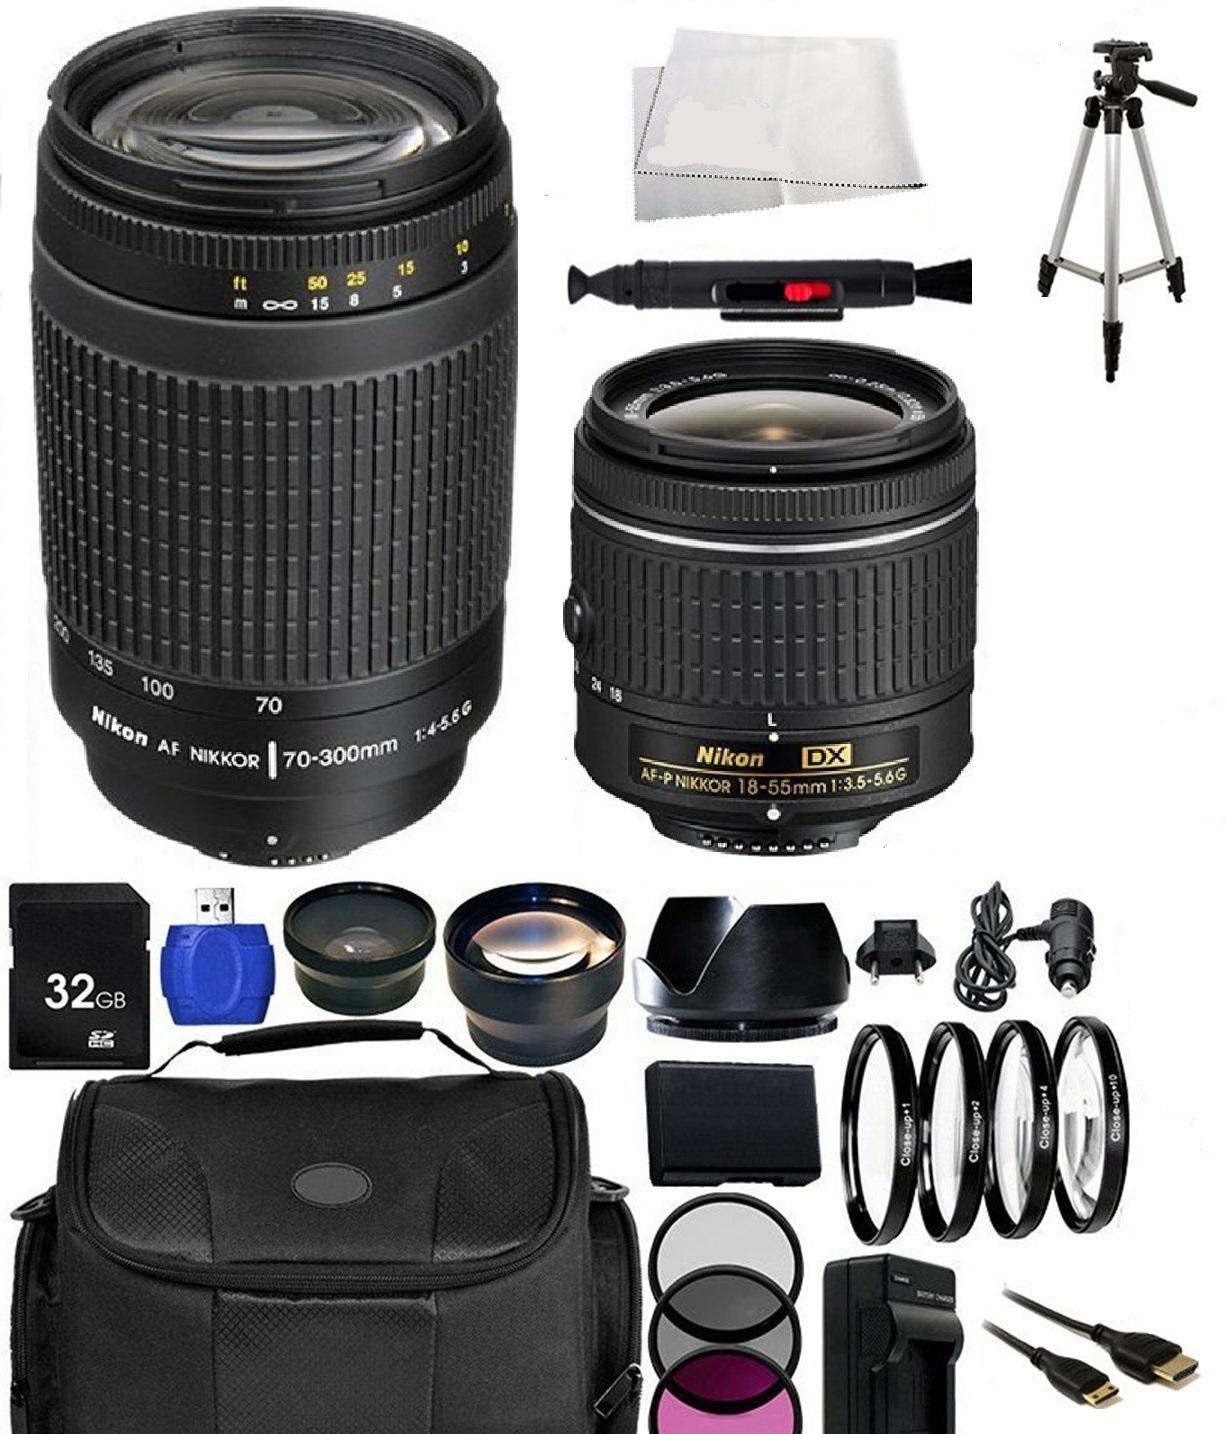 Image of Nikon AF-P DX NIKKOR 18-55mm F/3.5-5.6G Lens With Nikon AF Zoom-NIKKOR 70-300mm F/4-5.6G Lens And Accessory Kit